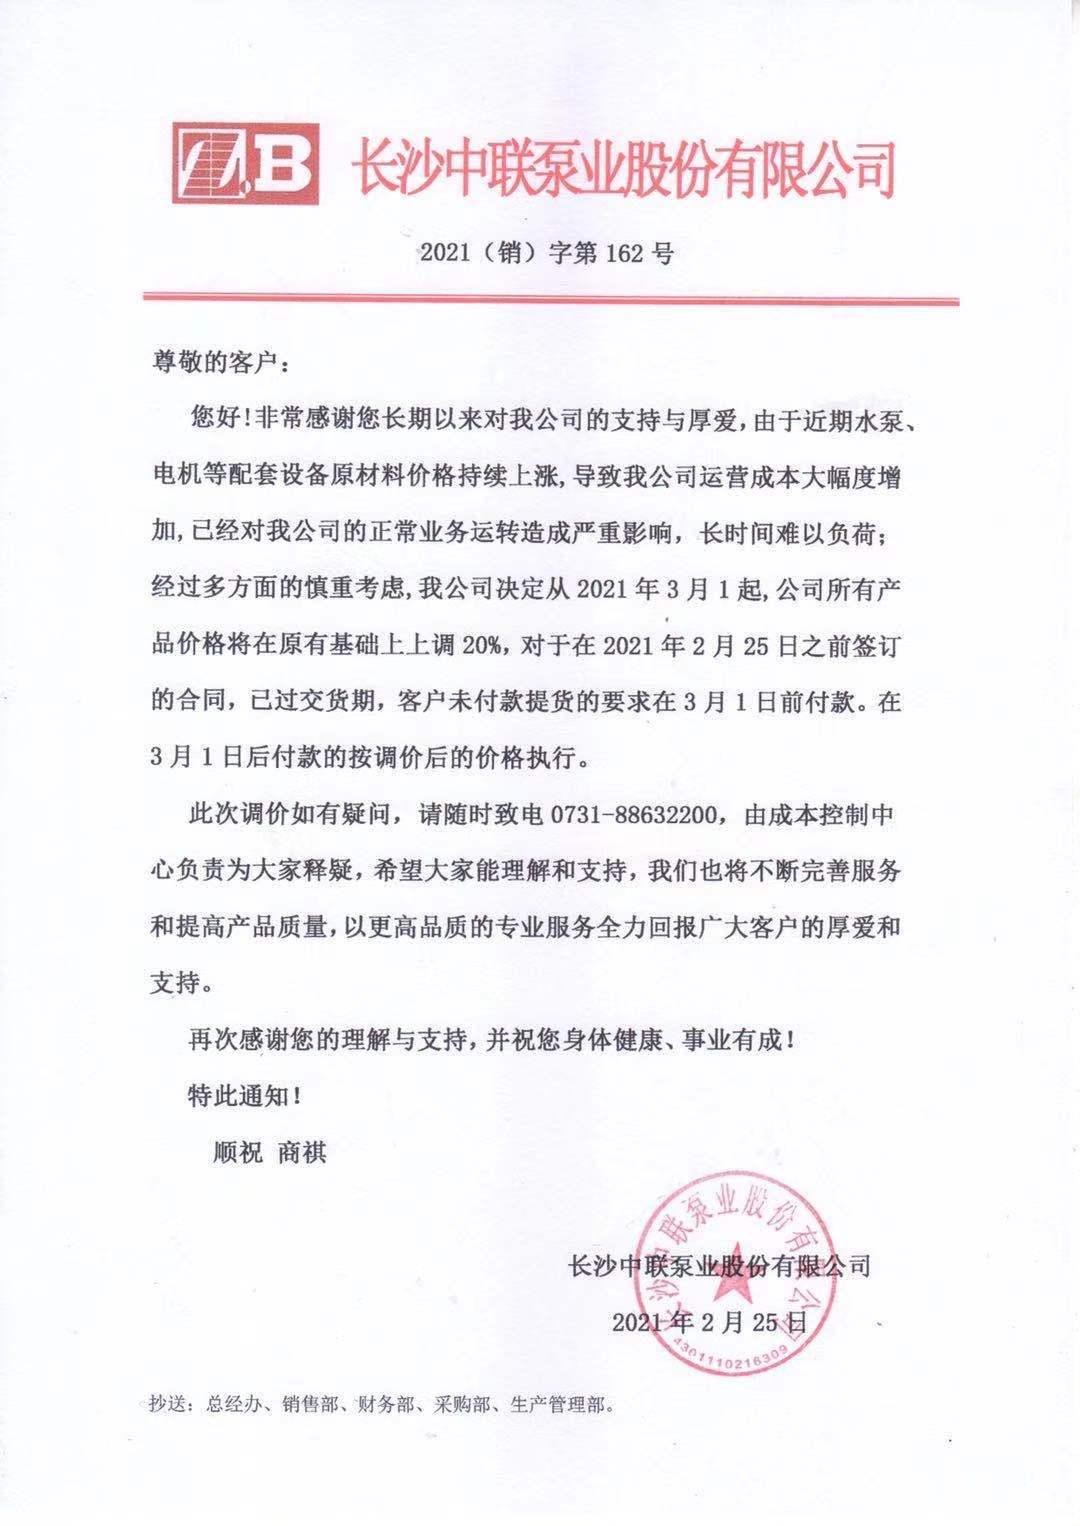 中联泵业2021产品涨价通知函